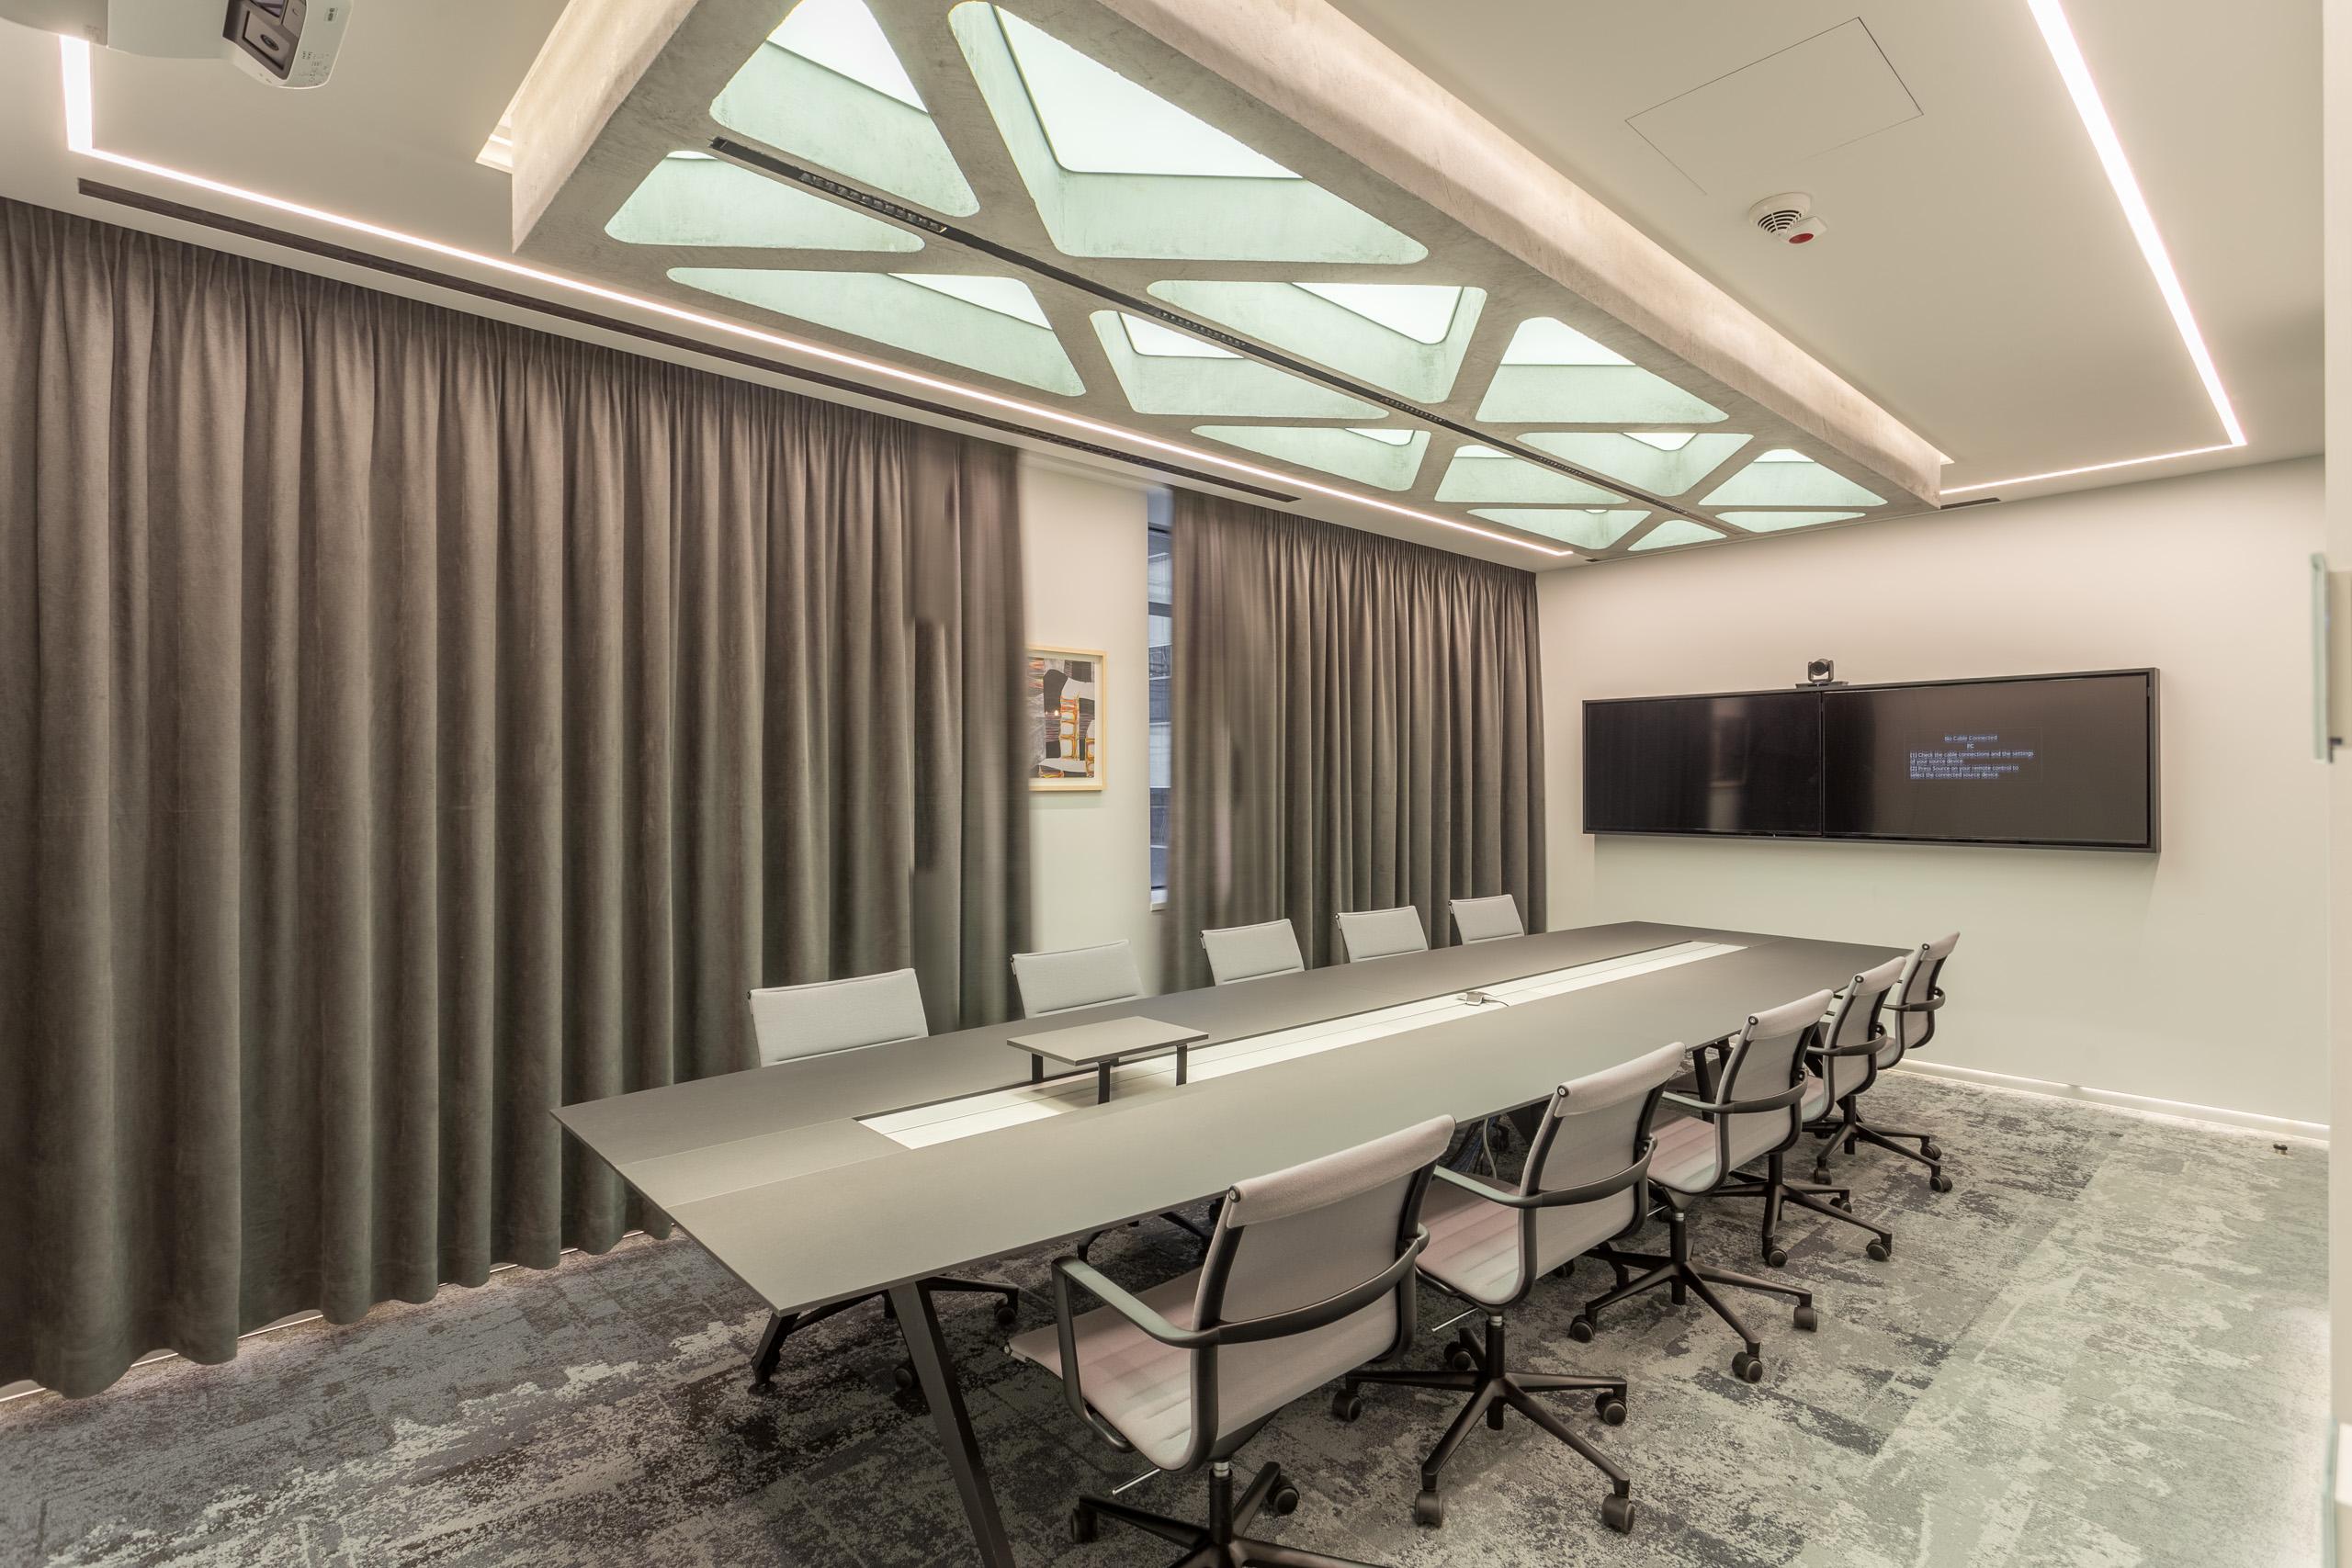 Parteneriat strategic ATEN – COS pentru solutii integrate de proiectare si amenajare spatii de birouri